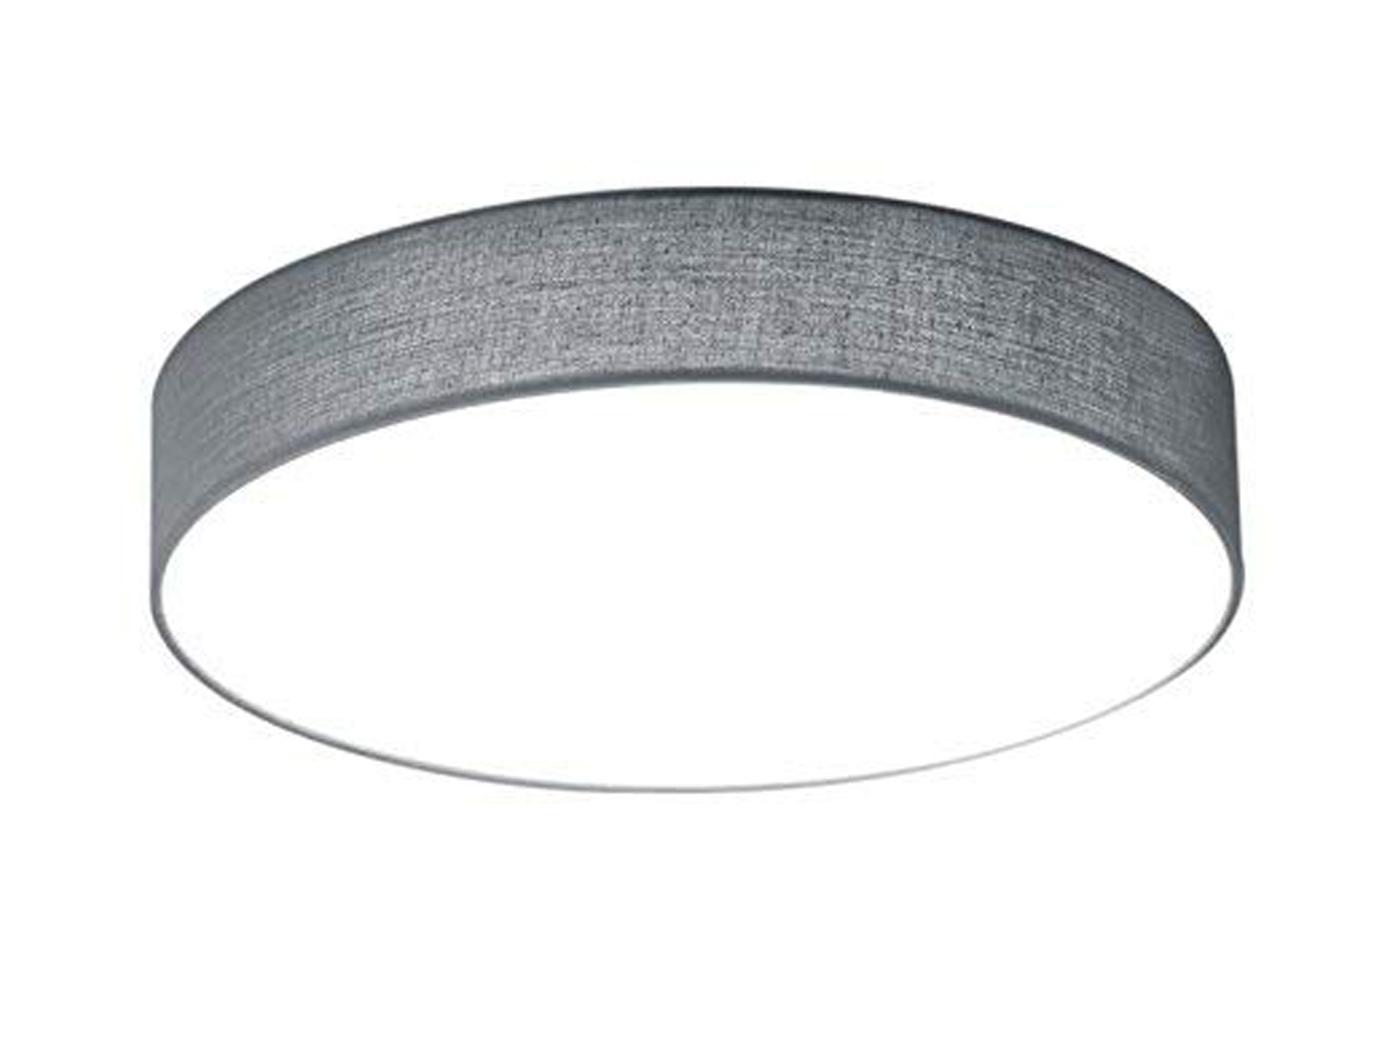 Flurlampe Wohnzimmerlampe Trio LED Deckenleuchte LUGANO 30cm Stoff silberfarben